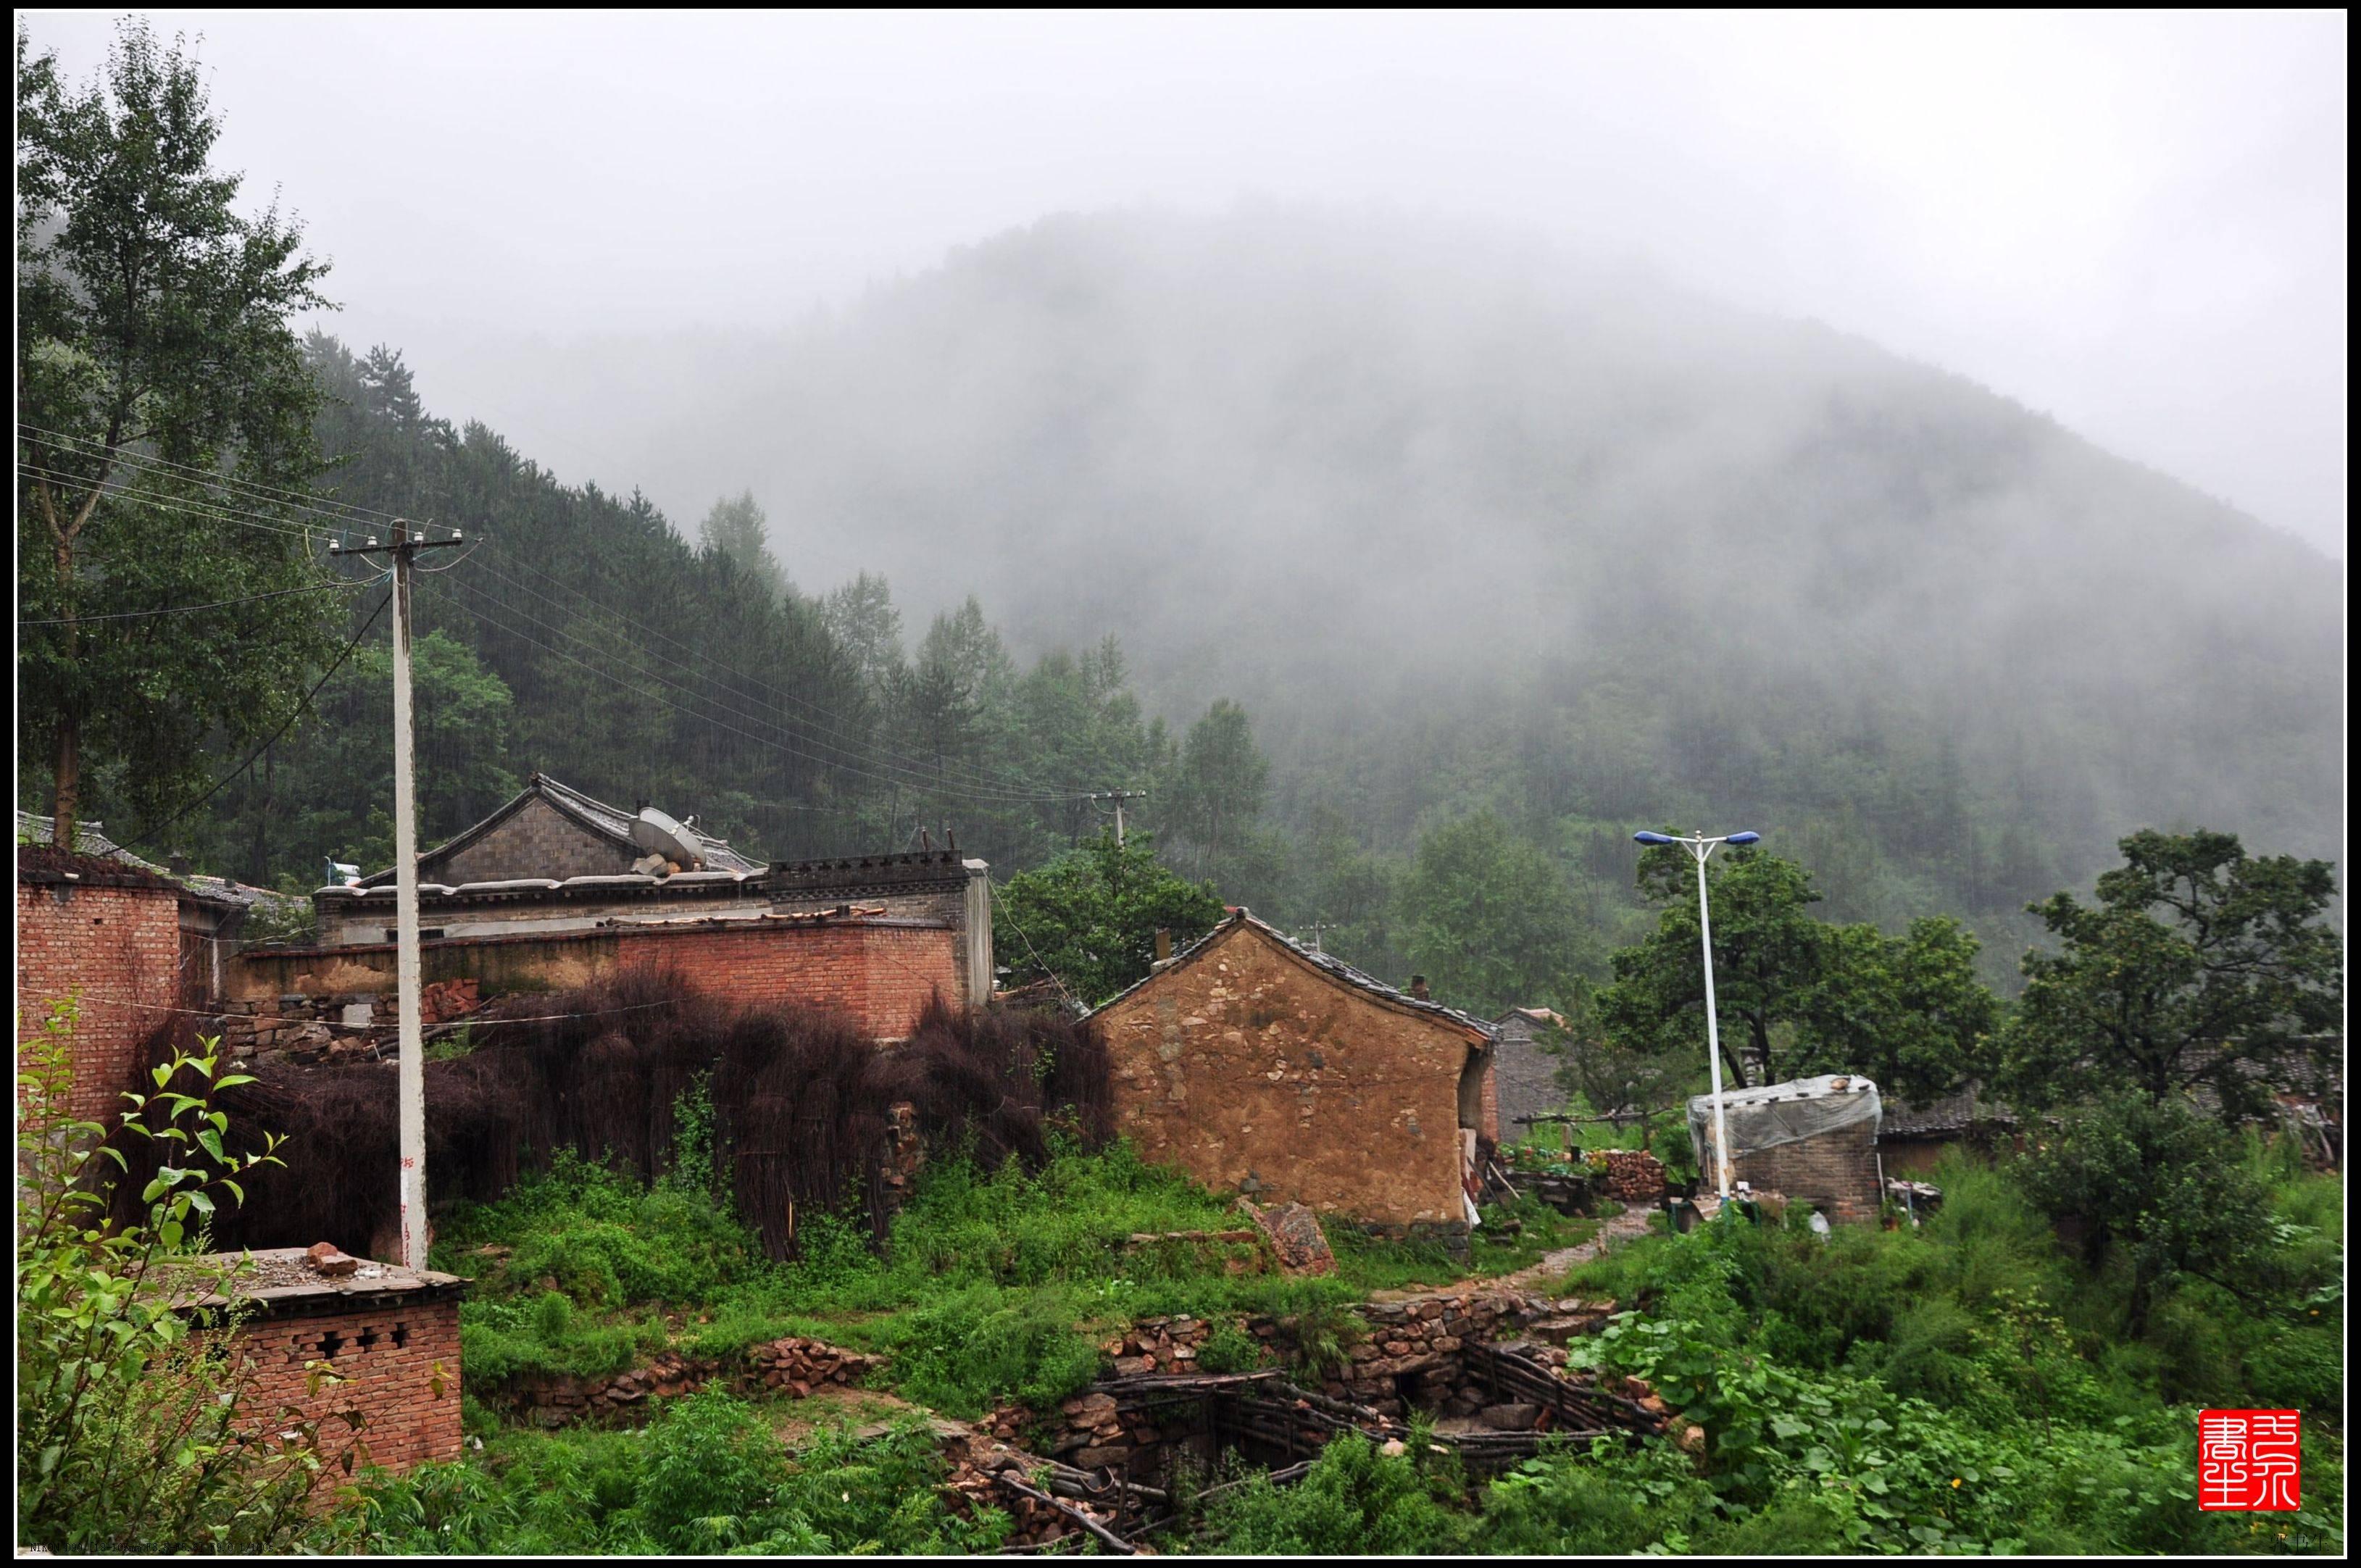 驼梁黄土台,暴雨洗礼中的小山村《百村写真》  第2张